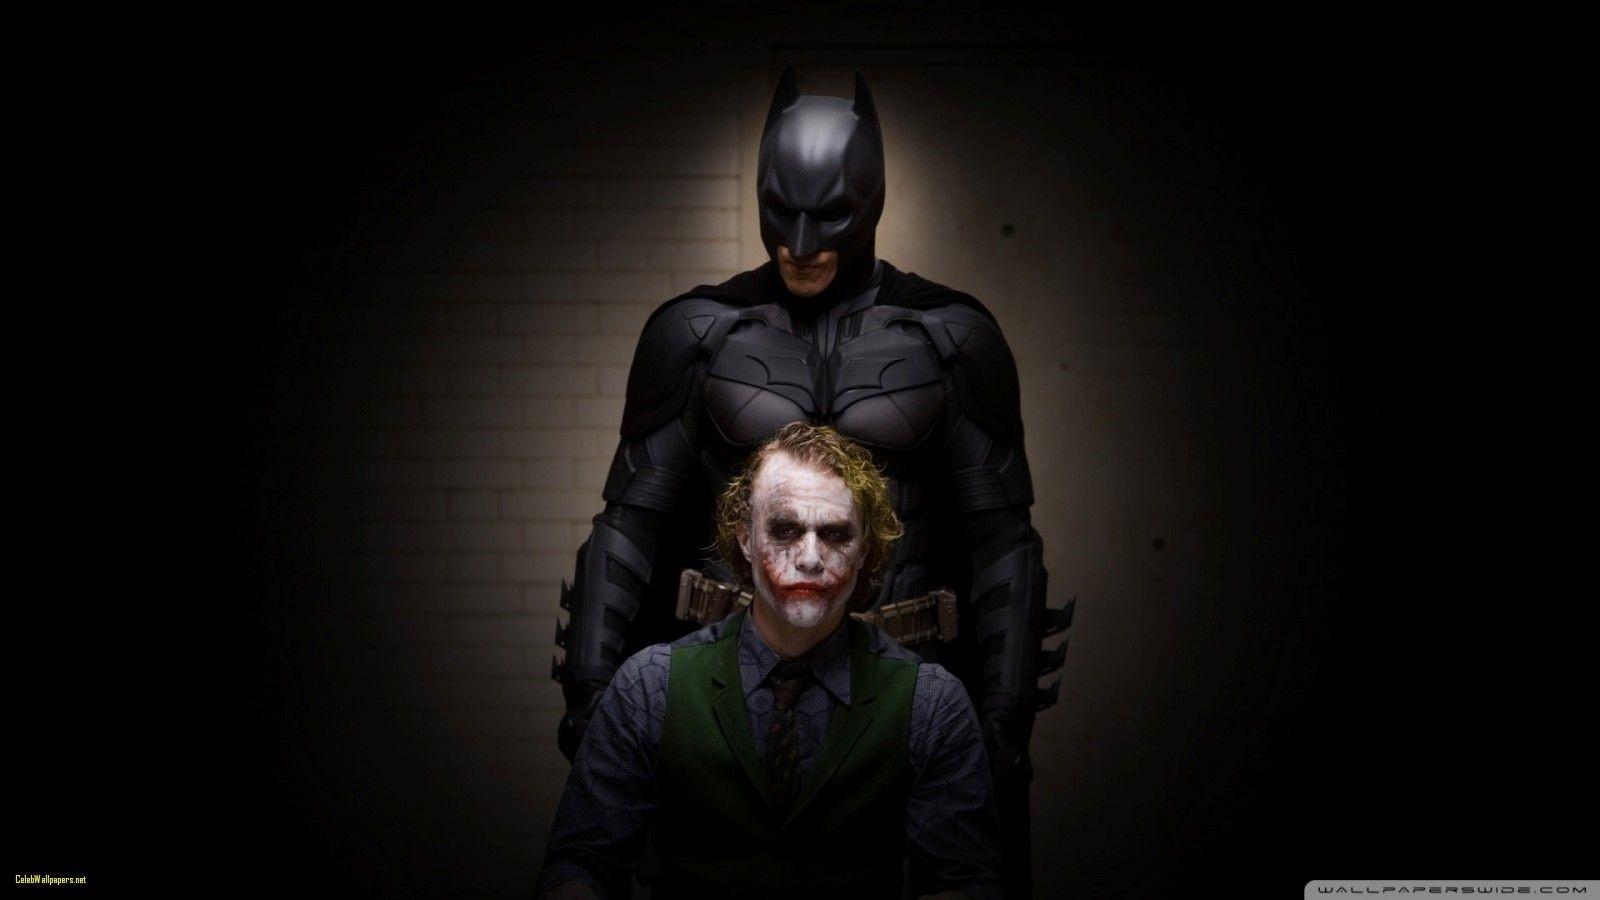 Joker High Quality Wallpapers